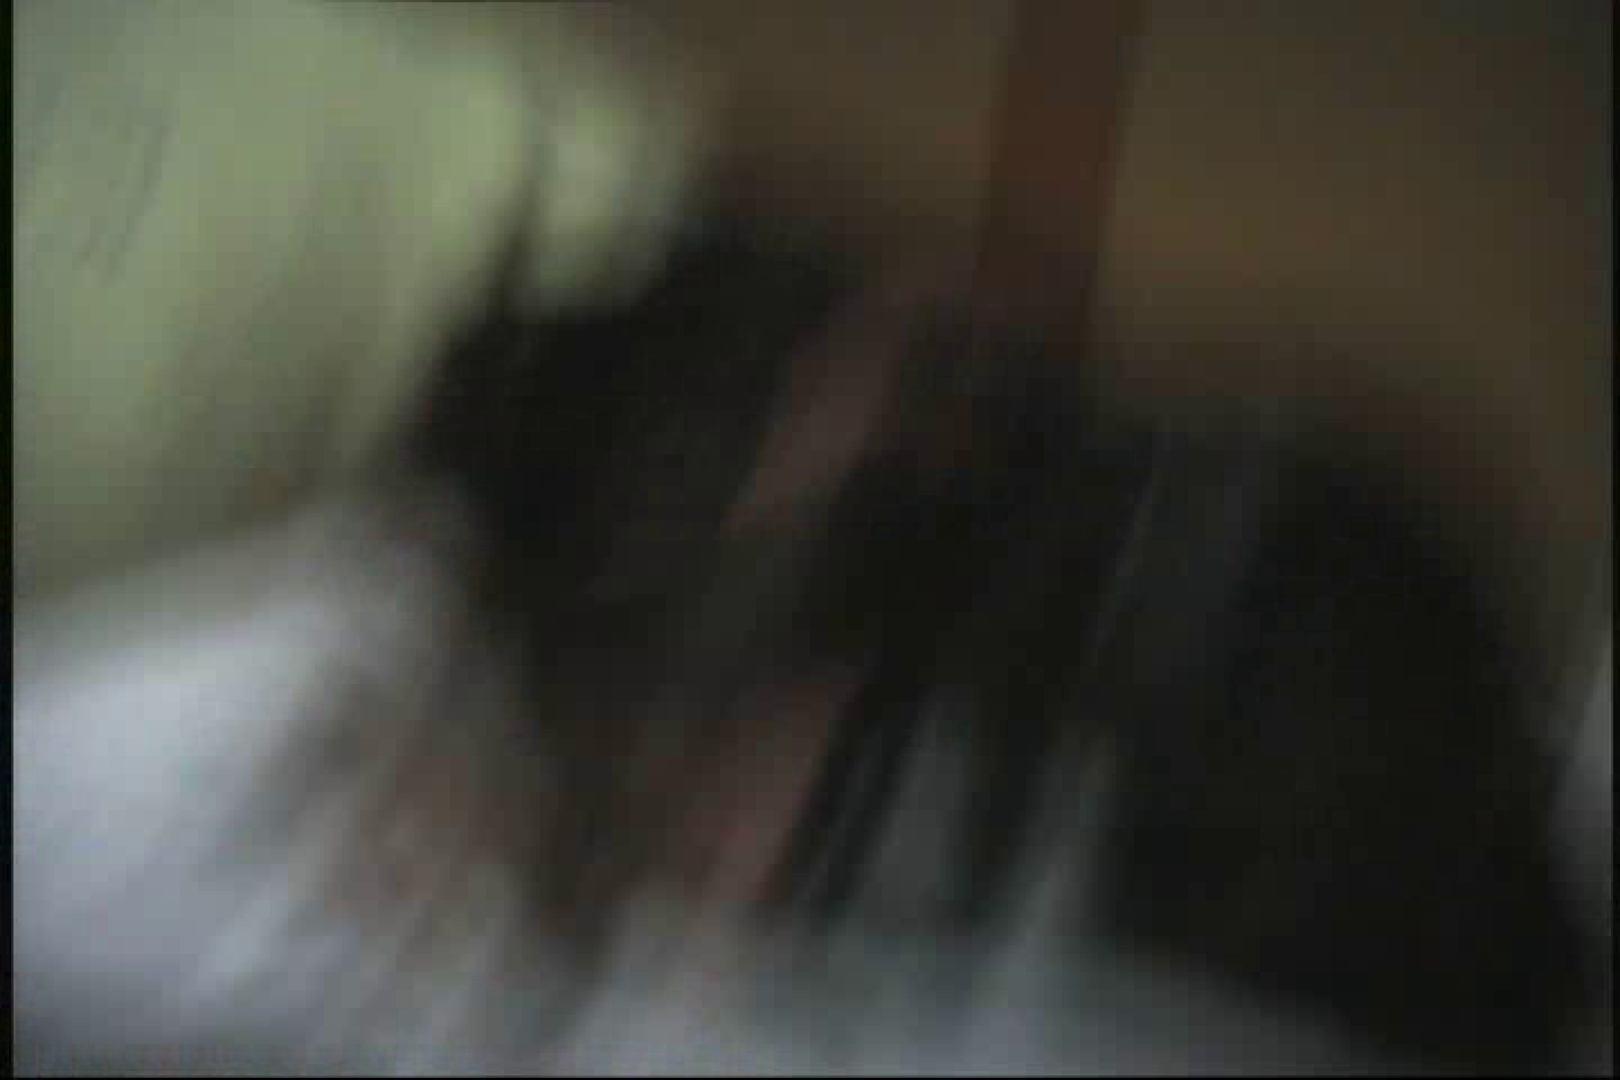 いっくんの調教シリーズ「未亡人みずほ27歳市役所職員」Vol.7 OLセックス 盗み撮りオマンコ動画キャプチャ 67画像 54